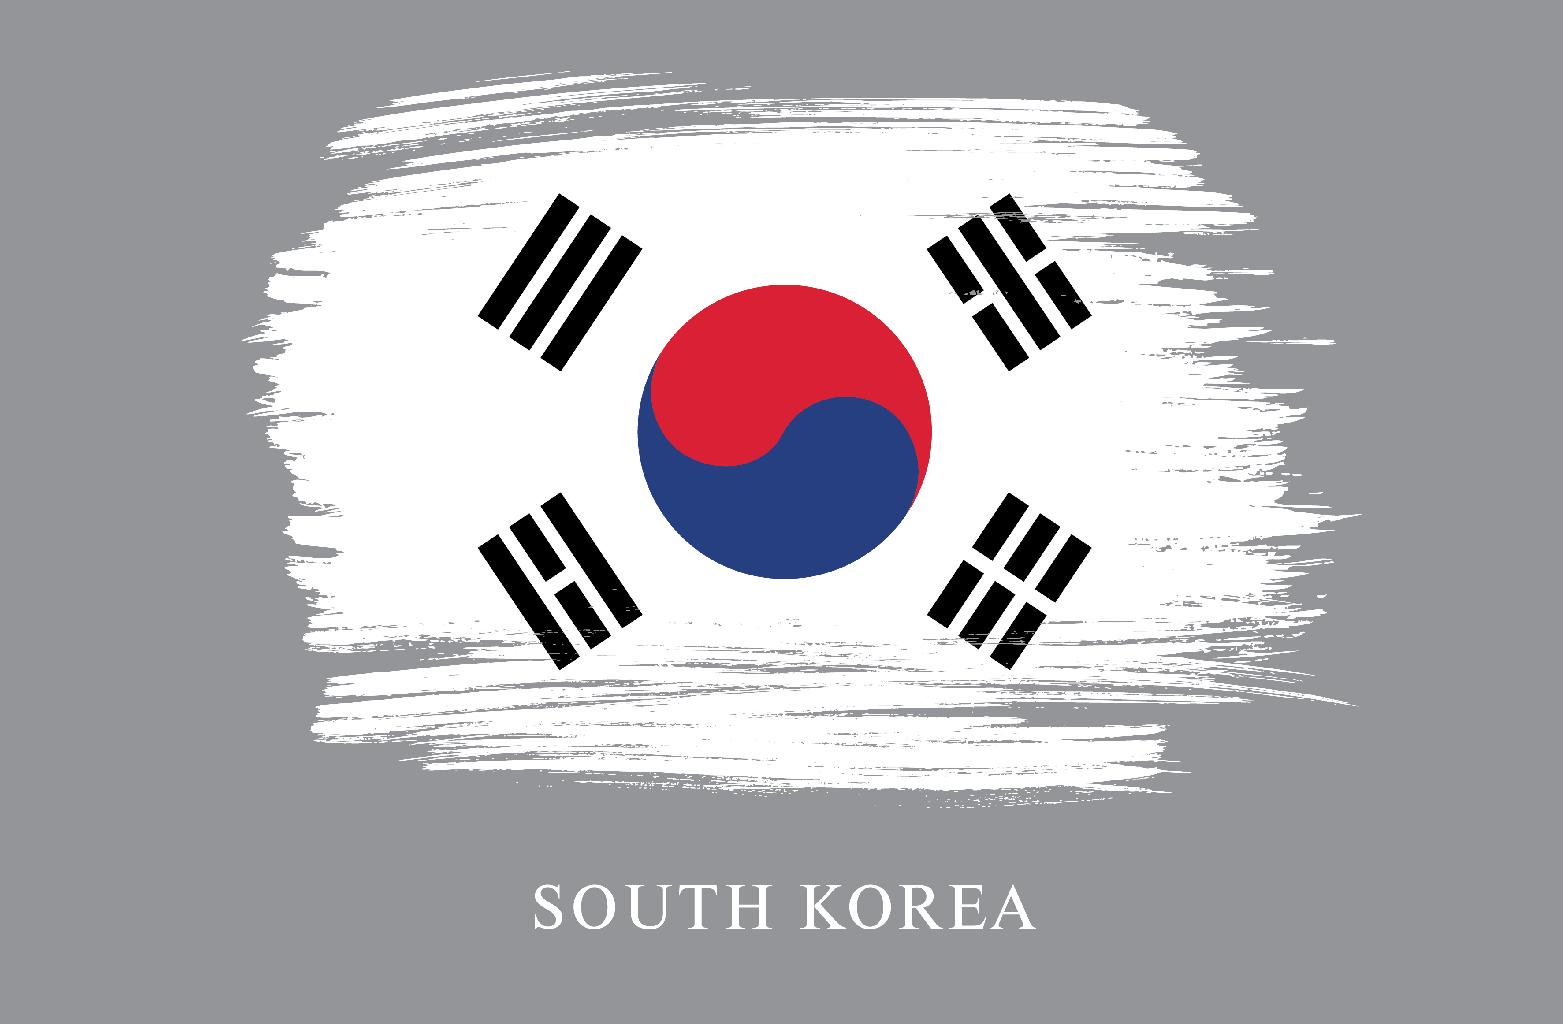 Artistically stressed flag of South Korea